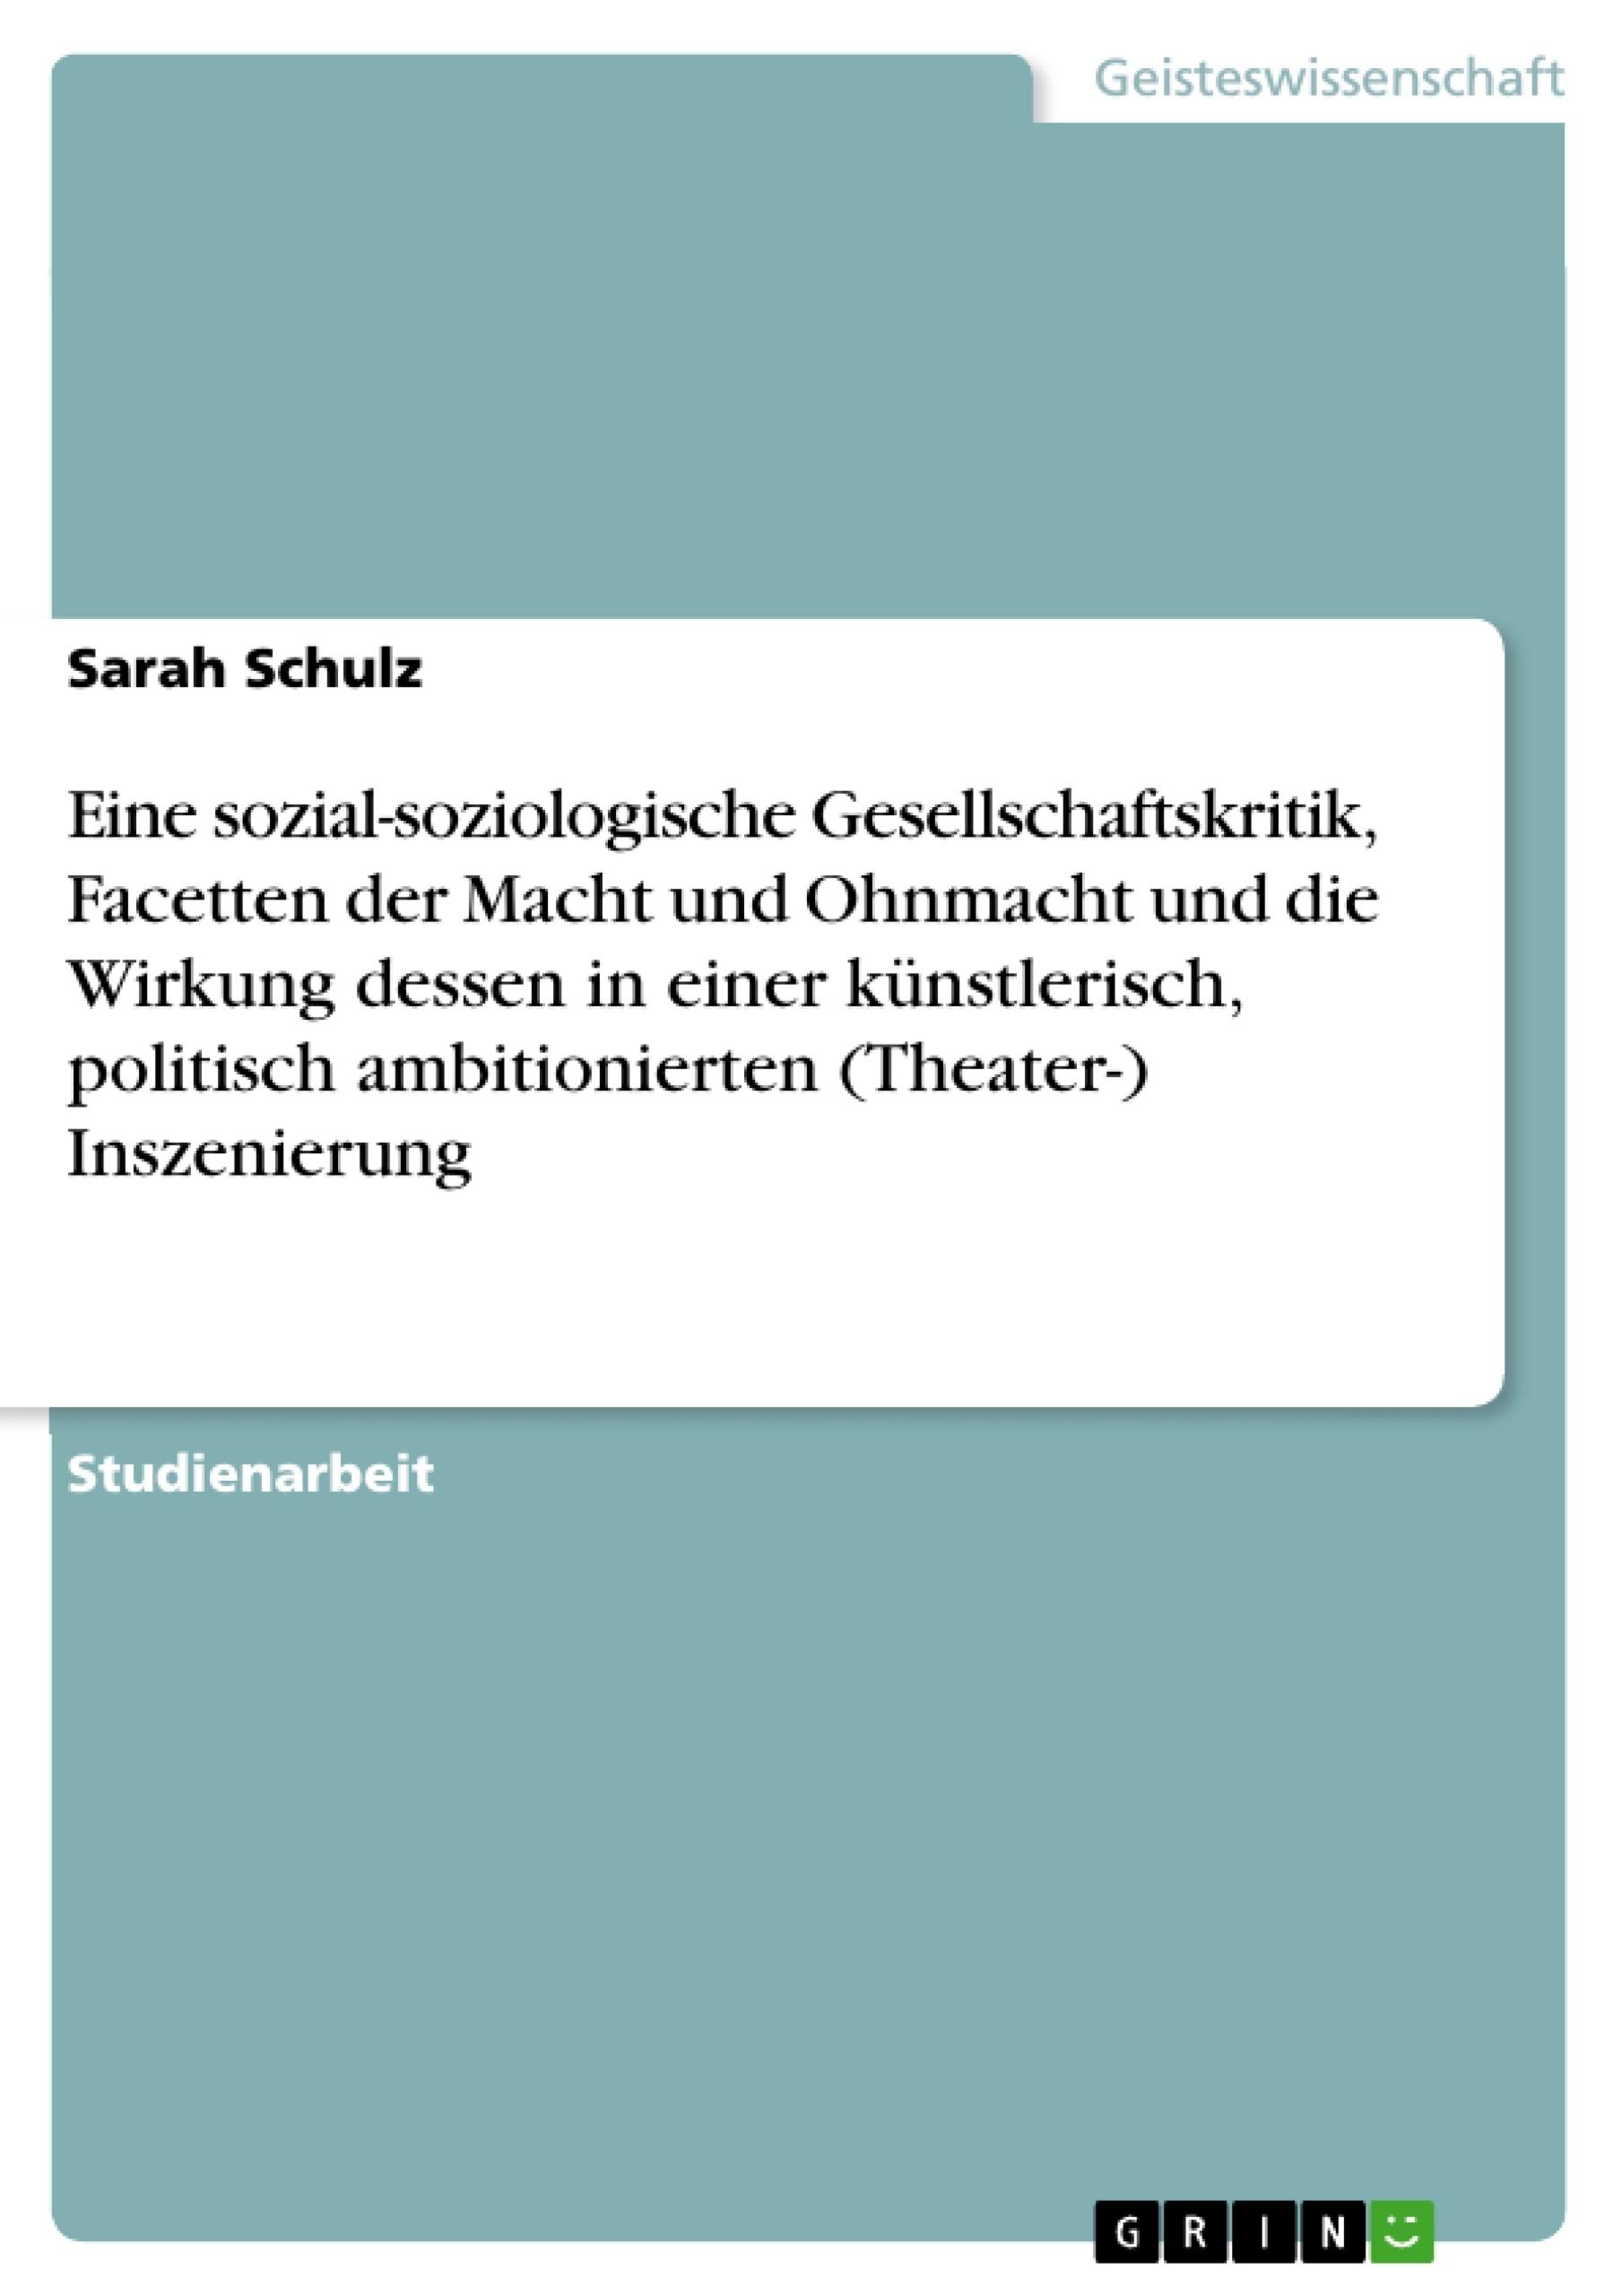 Titel: Eine sozial-soziologische Gesellschaftskritik, Facetten der Macht und Ohnmacht und die Wirkung dessen in einer künstlerisch, politisch ambitionierten (Theater-) Inszenierung